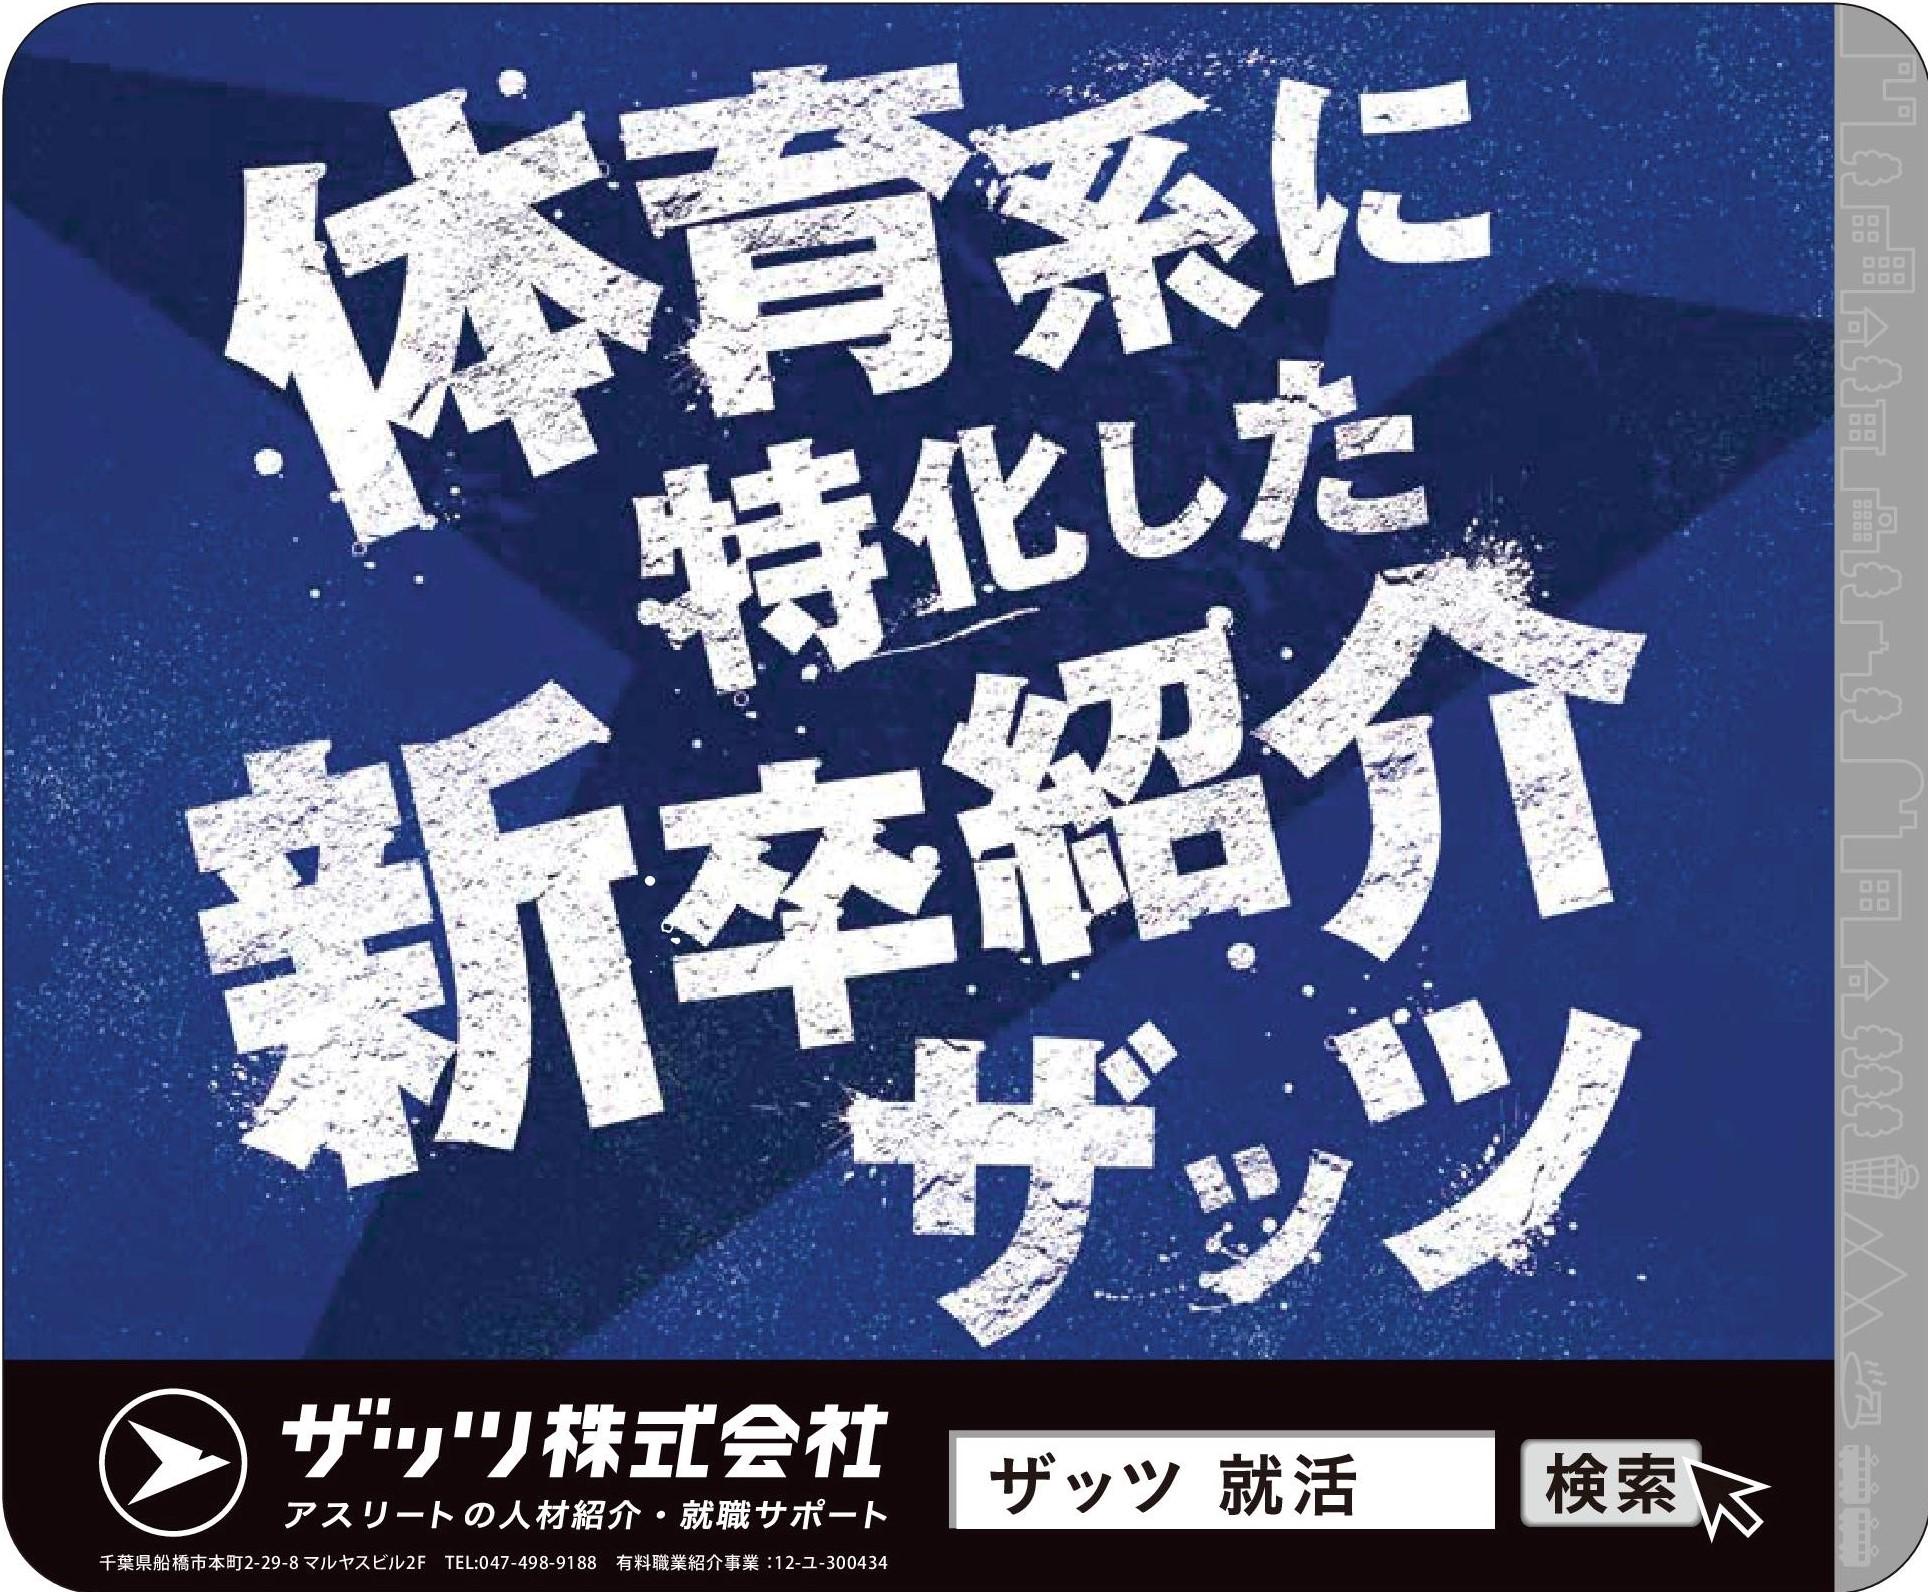 小田急線と京王線にザッツの広告が出ます!